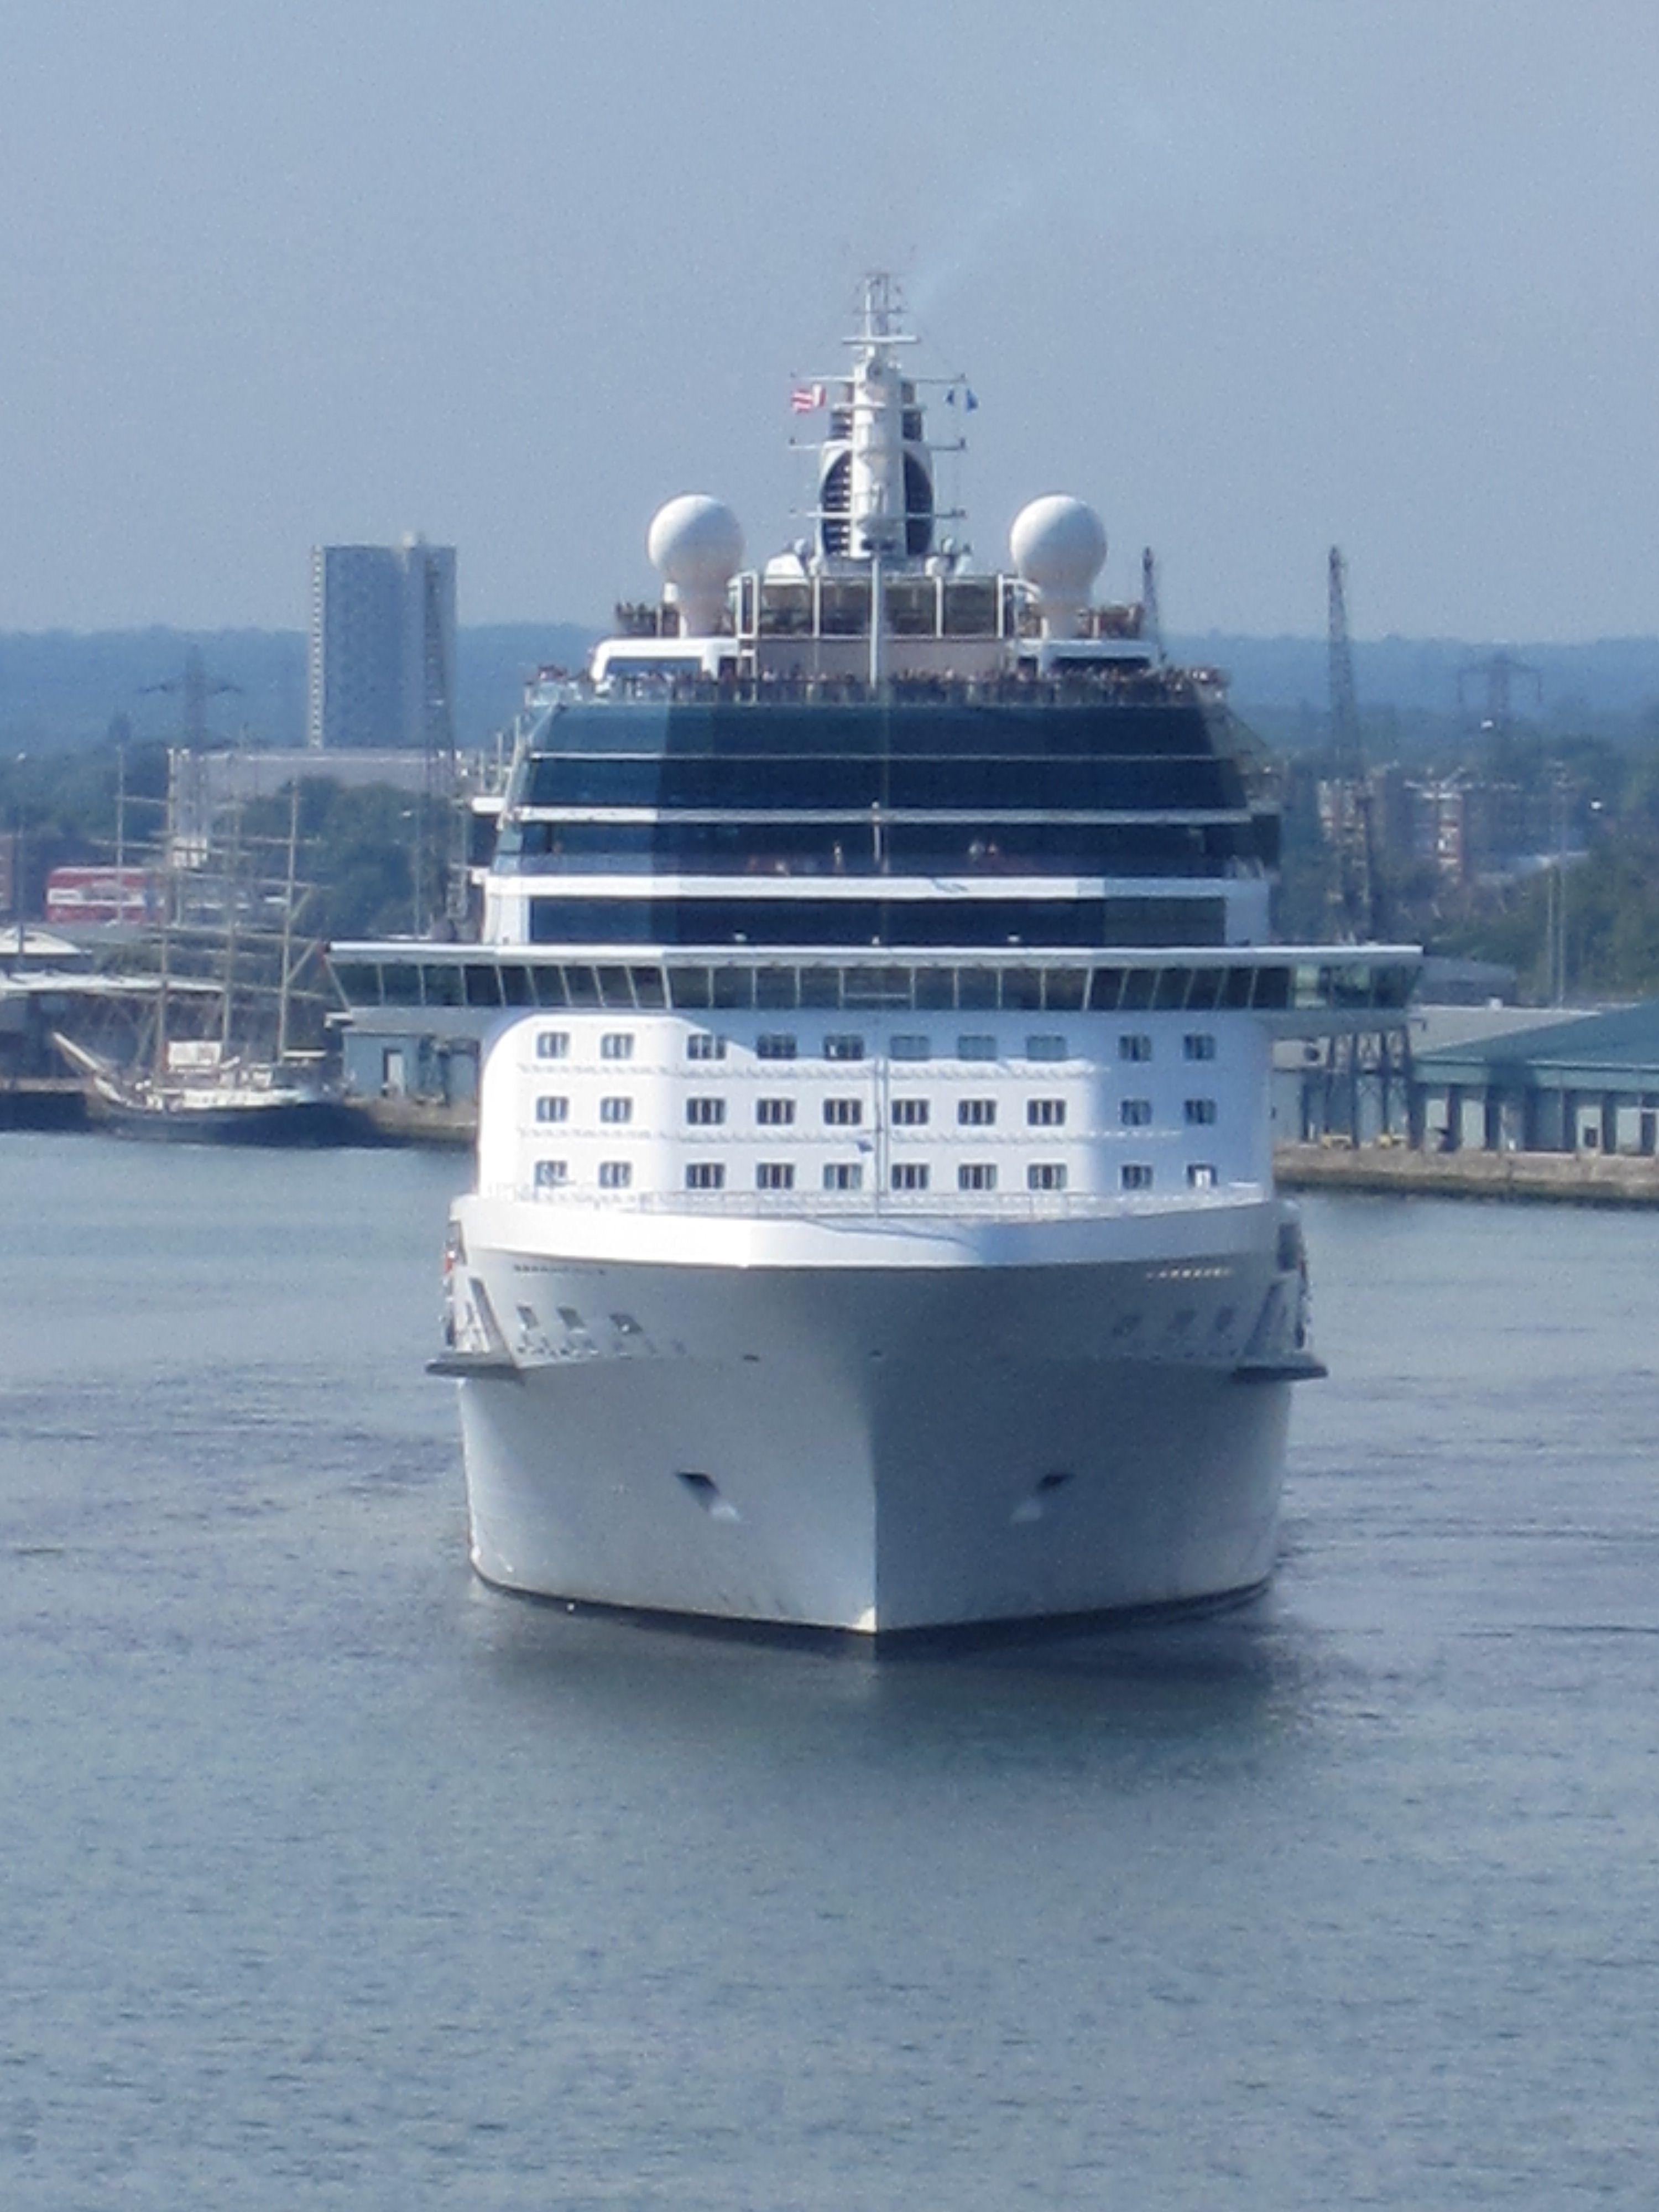 Celebrityuk Eclipse Leaving Southampton Cruise Travel Cruise Ship Cruise Vacation Cruise Kids